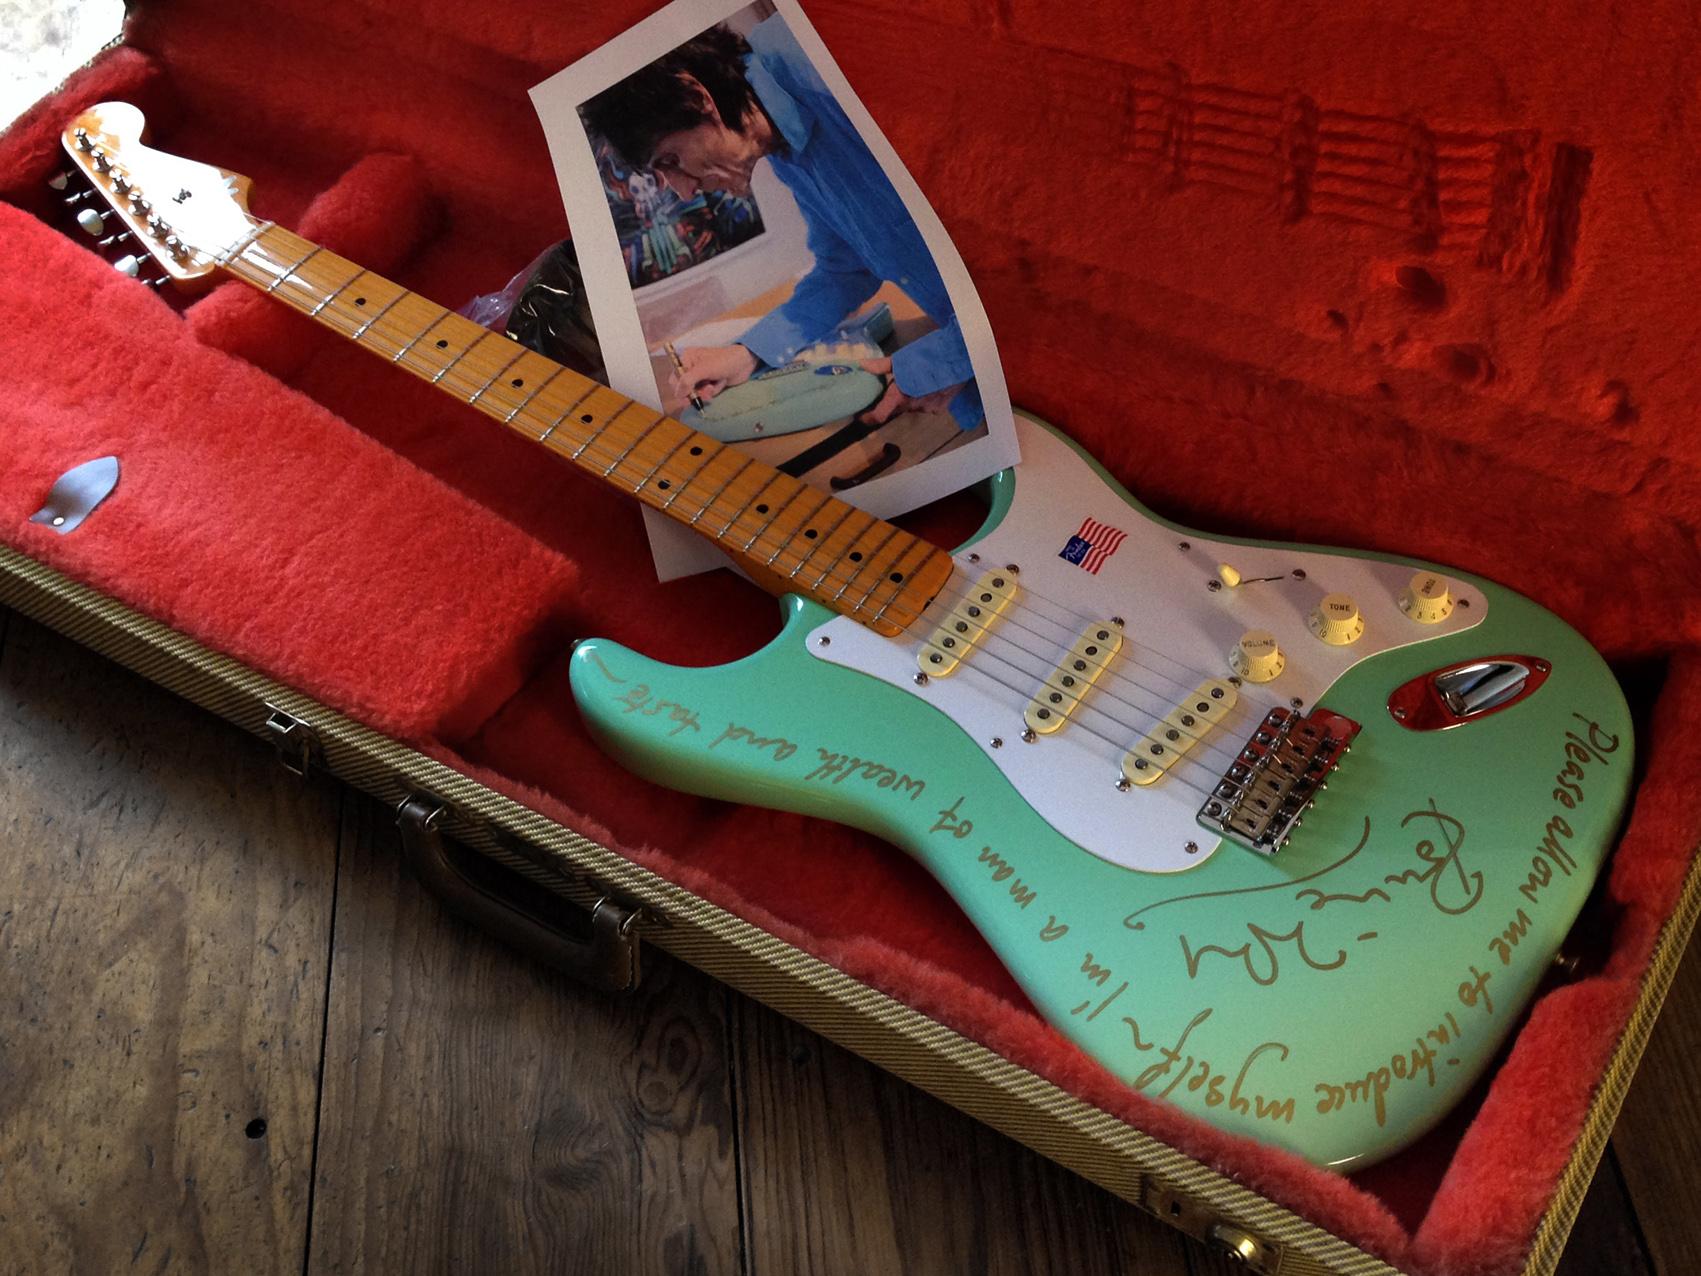 fender american vintage stratocaster 2010 surf green guitar for sale alleycat relics. Black Bedroom Furniture Sets. Home Design Ideas